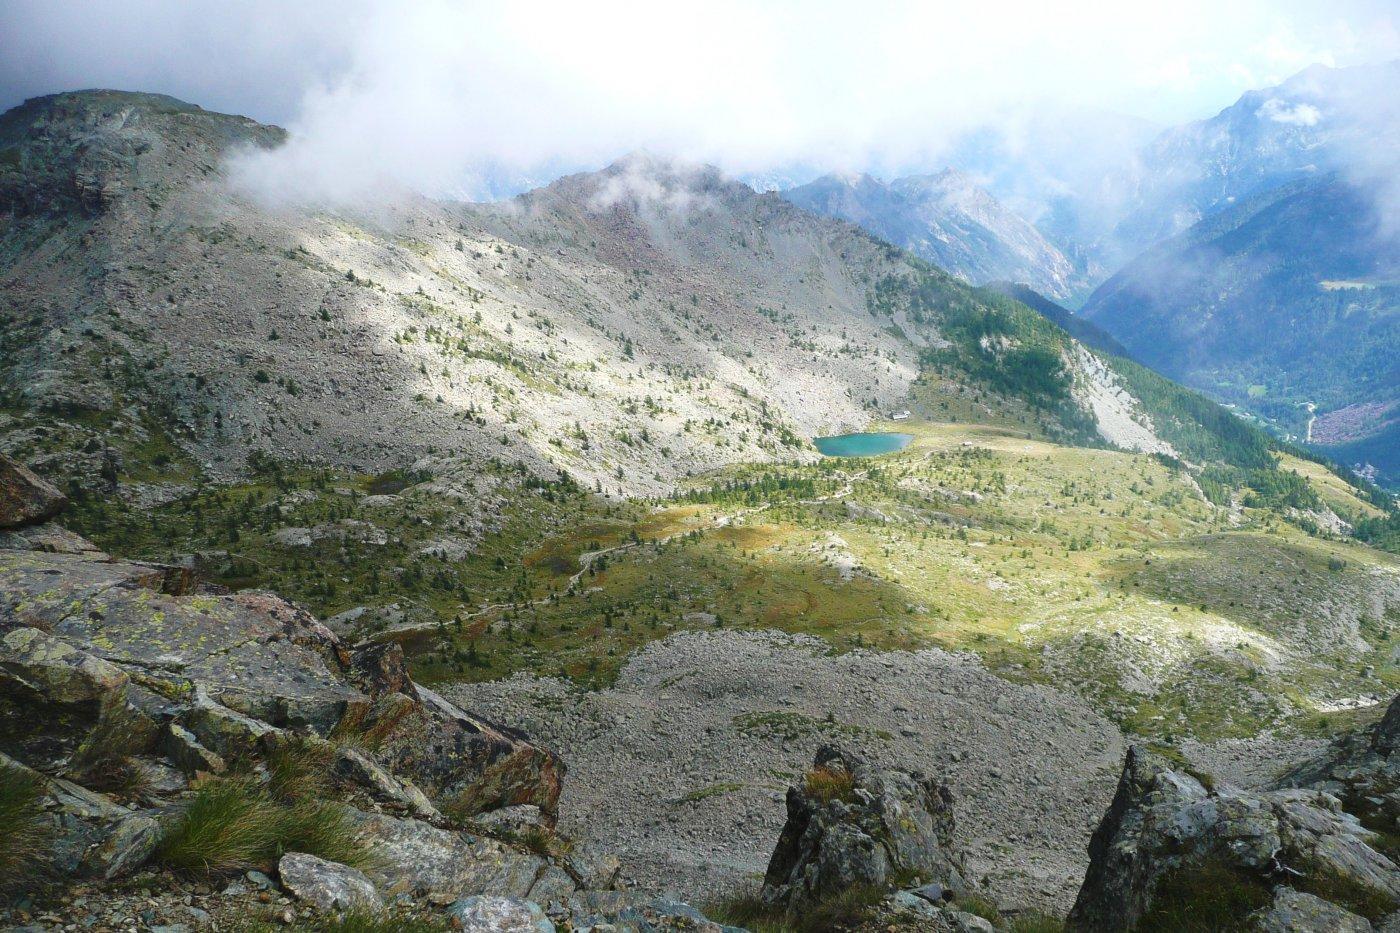 il sentiero di rientro a Cort passa accanto al Lago Muffè